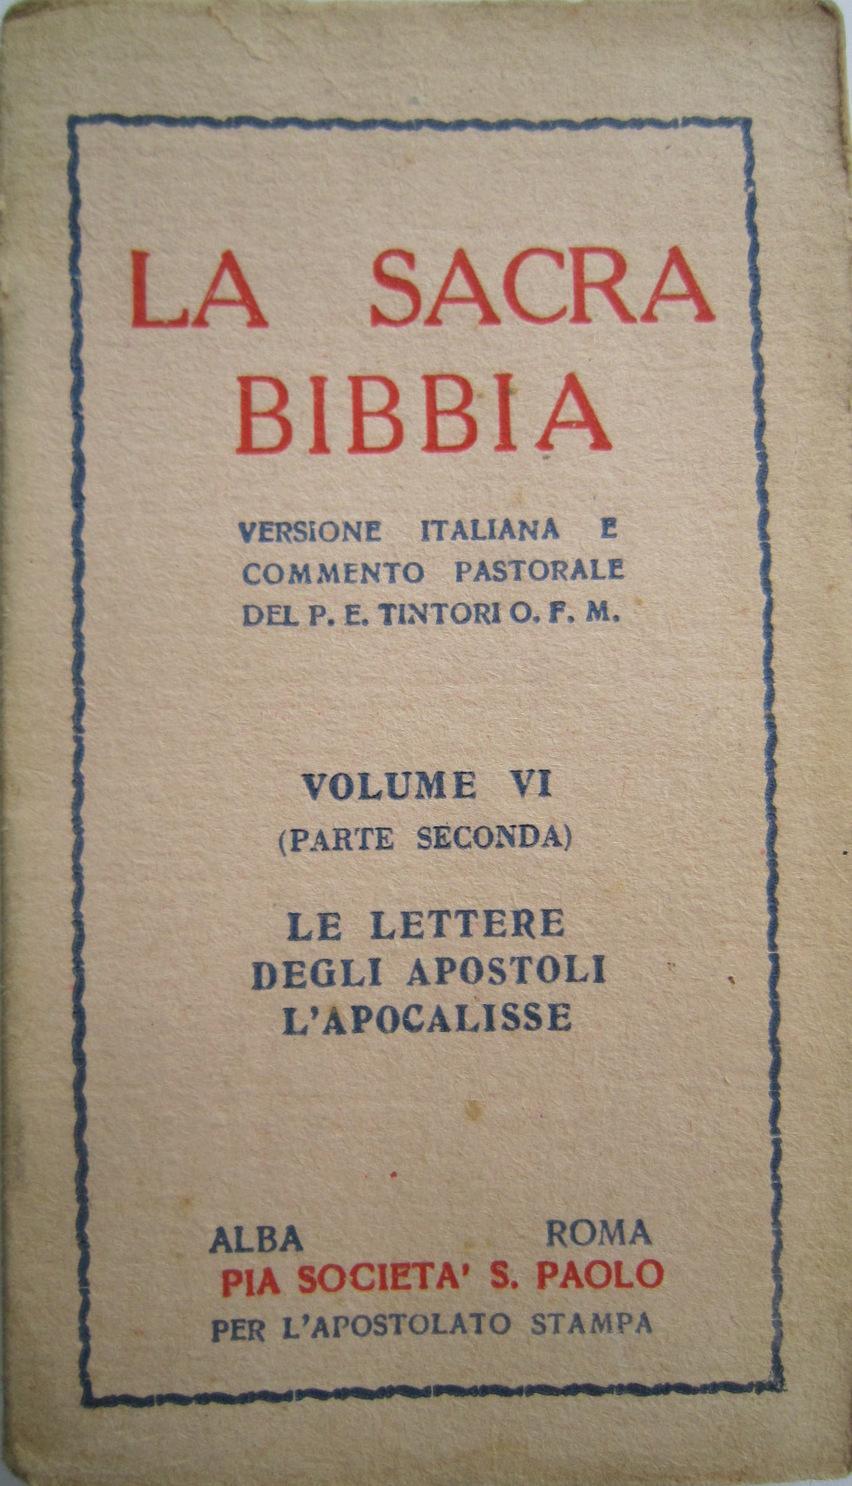 La Sacra Bibbia: versione italiana della Volgata e commento pastorale